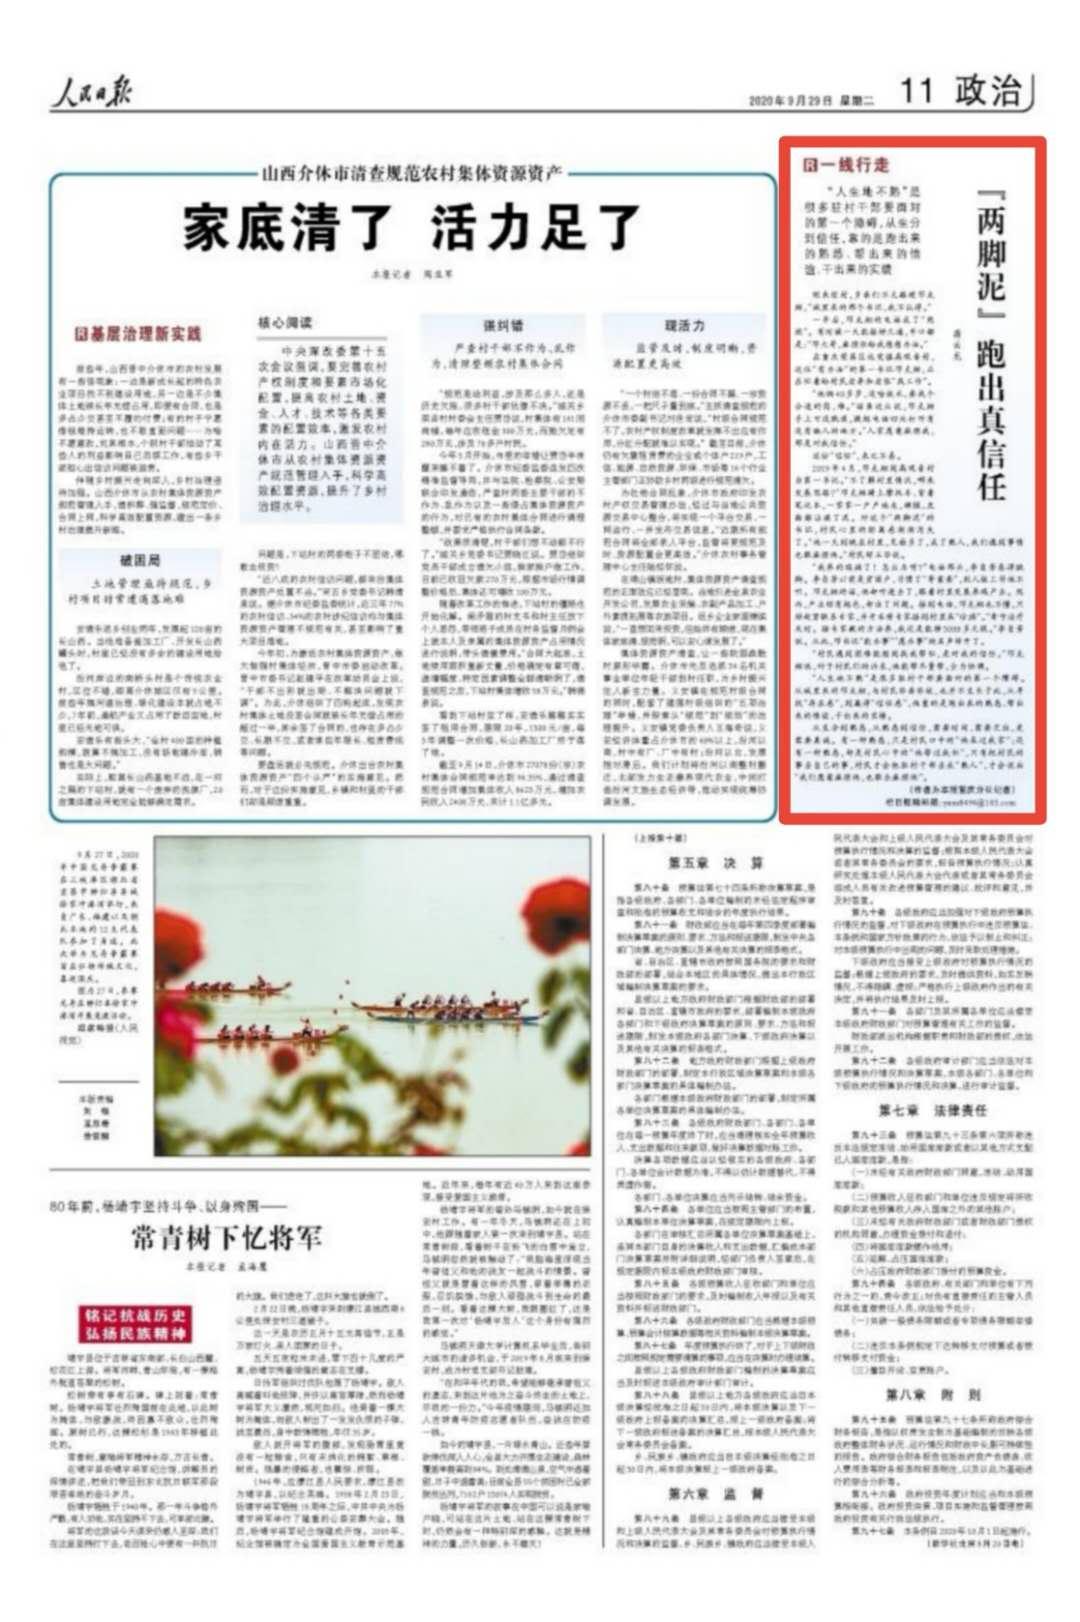 """人民日报看荣昌扶贫干部:""""两脚泥"""" 跑出真信任"""